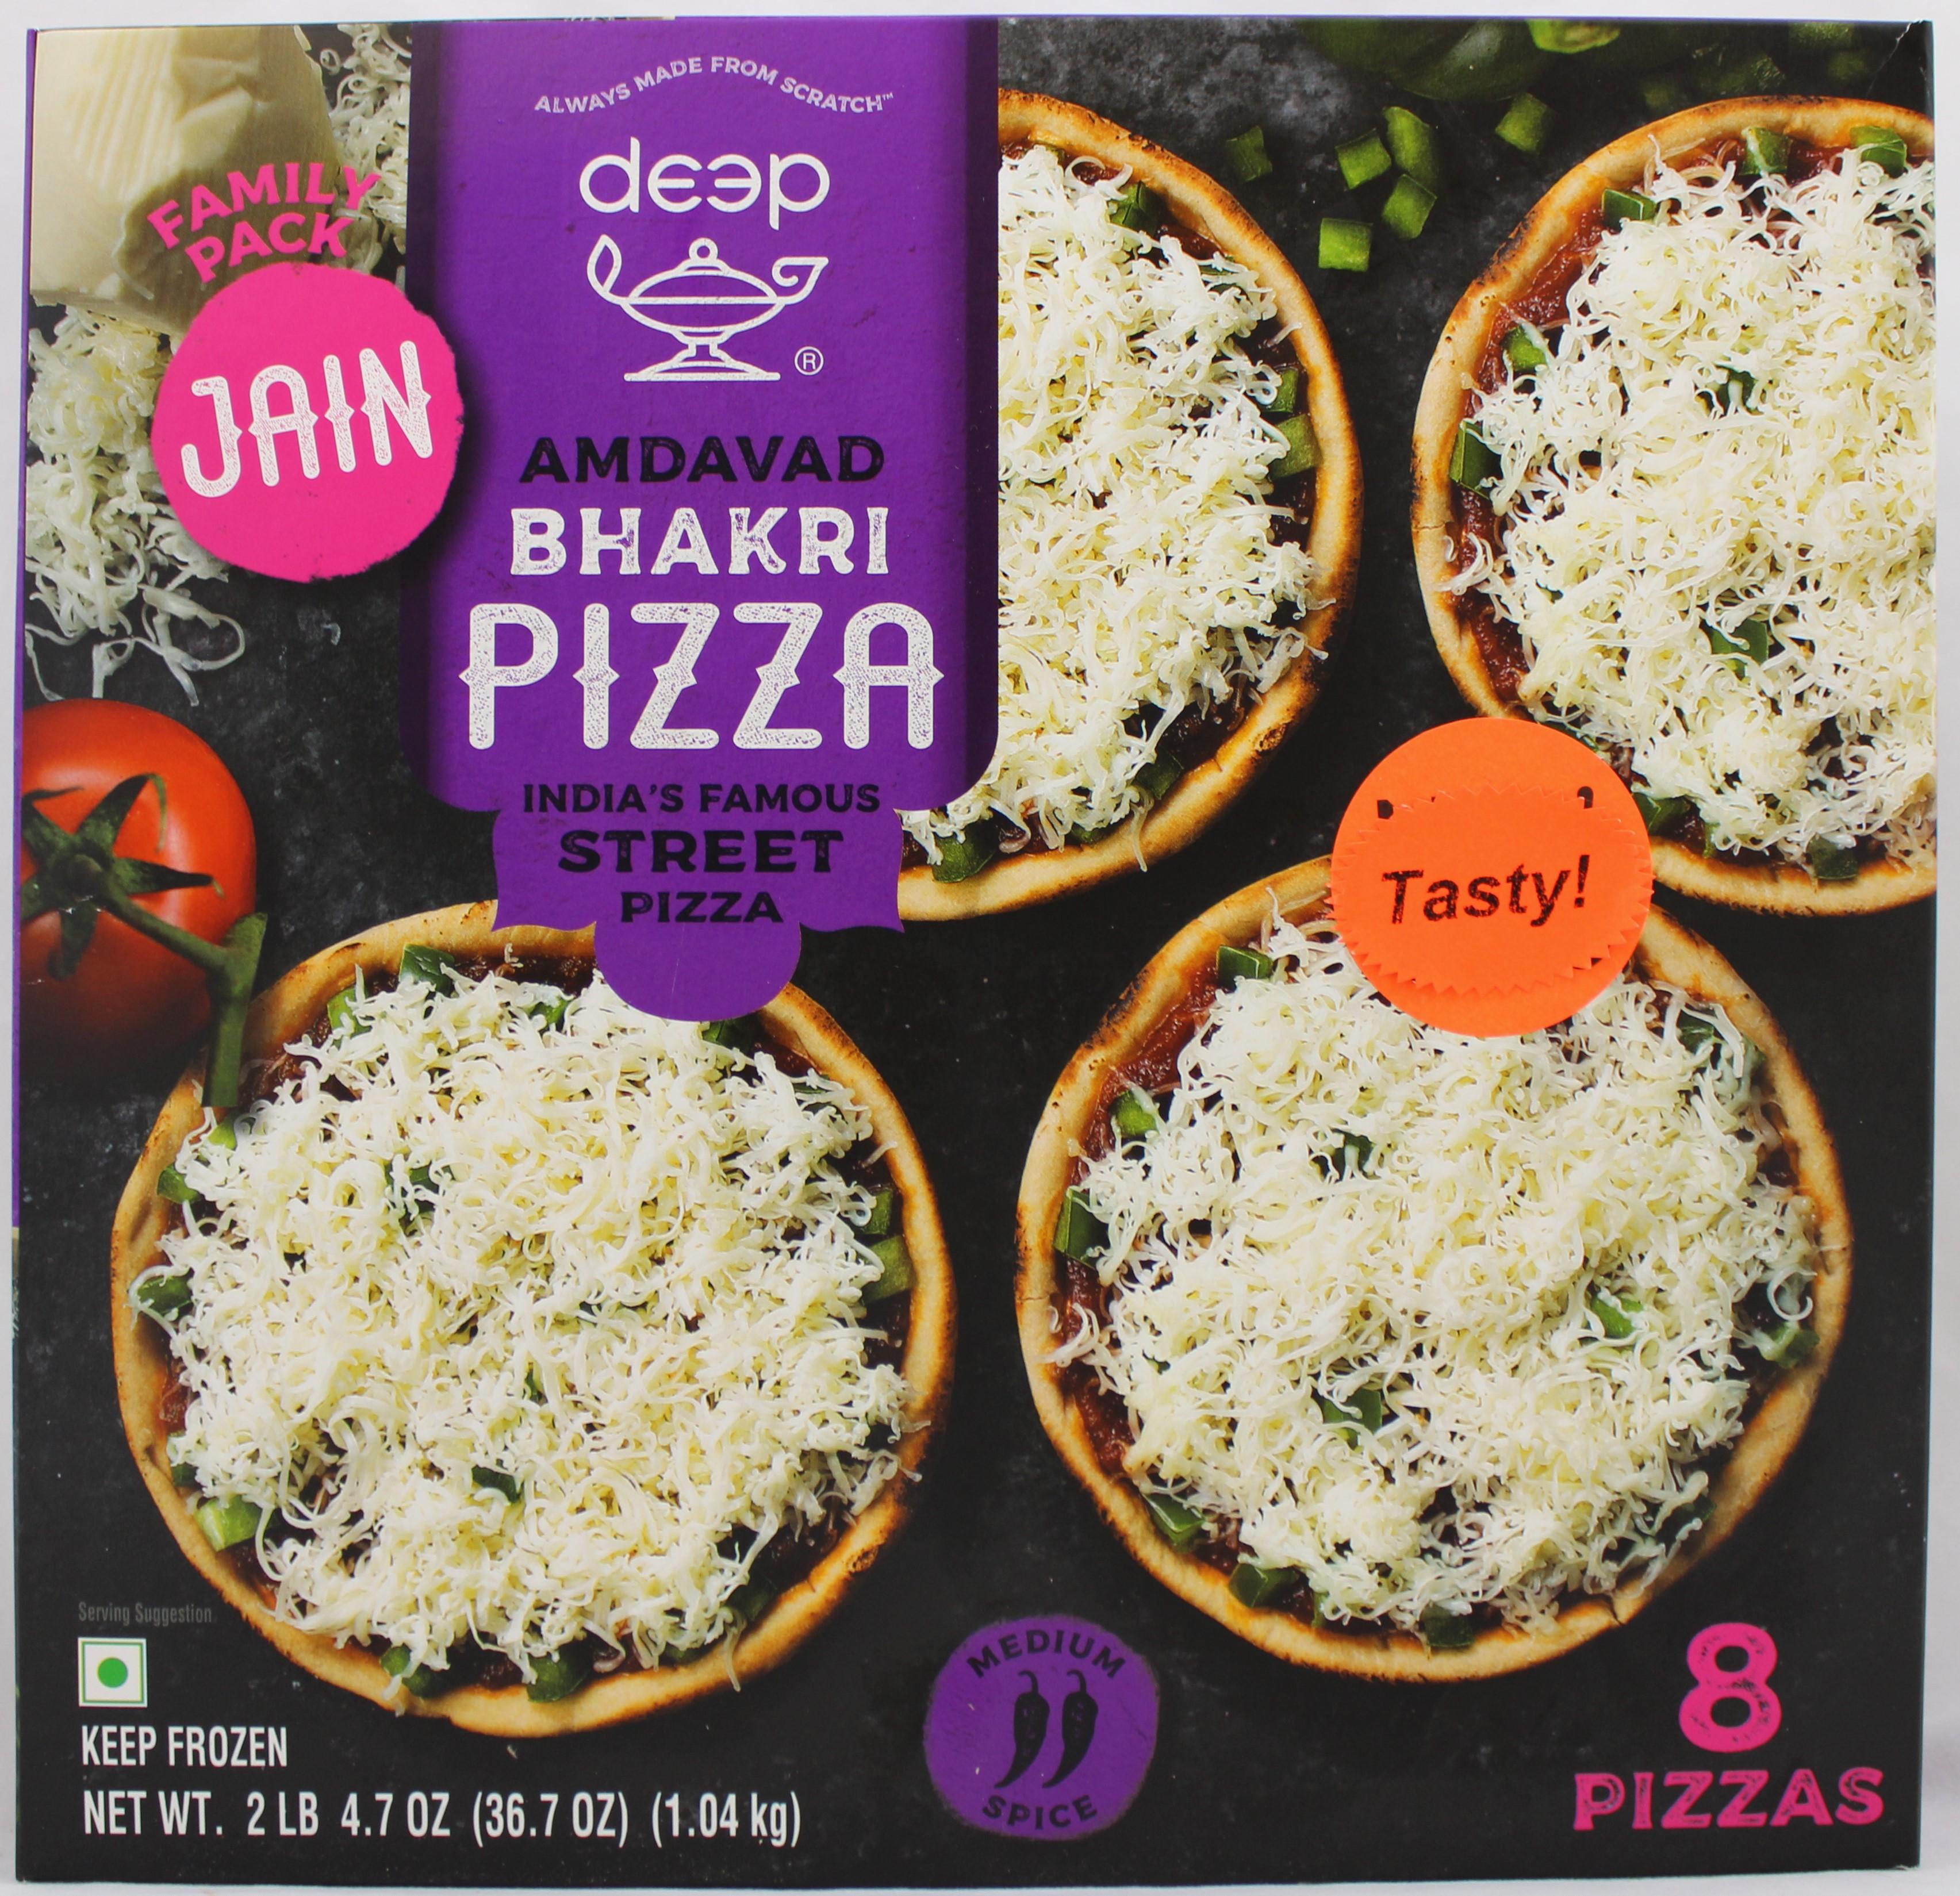 Amdavad Bhakri Pizza Jain - 8 PCS